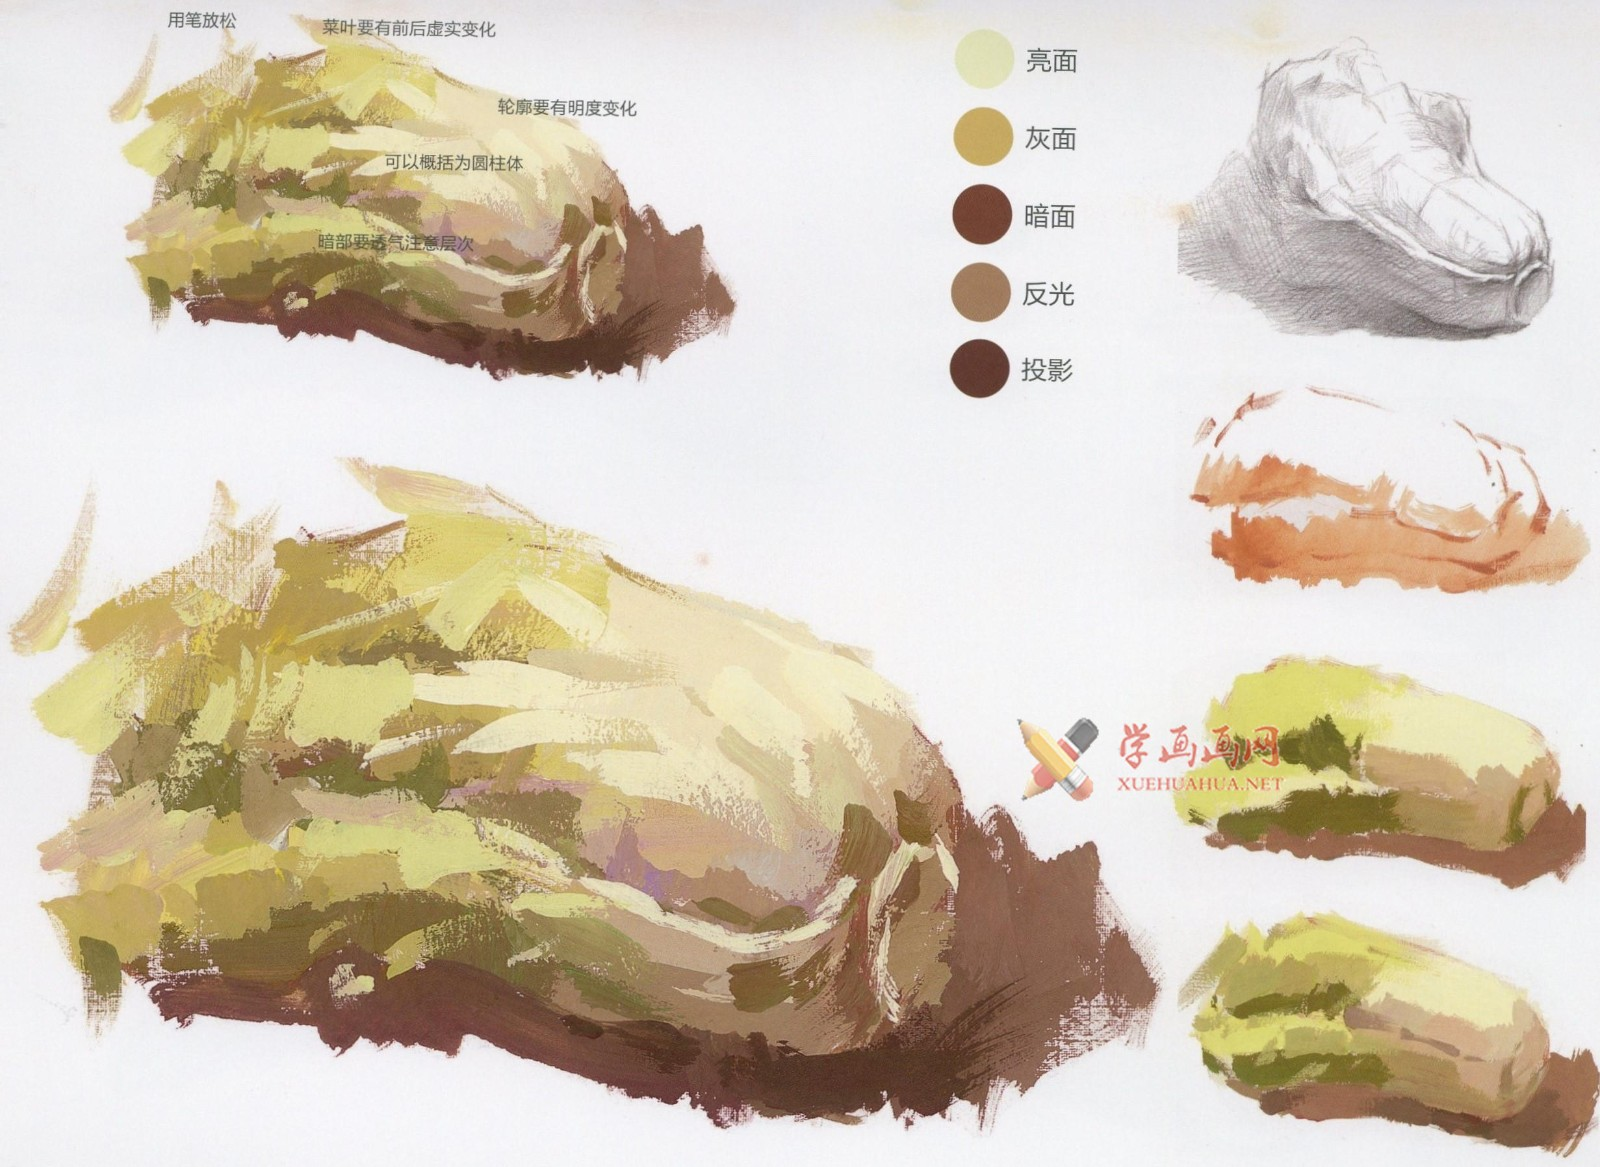 怎么画大白菜?水粉画单体入门教程:大白菜的画法图解及高清范画临摹图片素材(6)